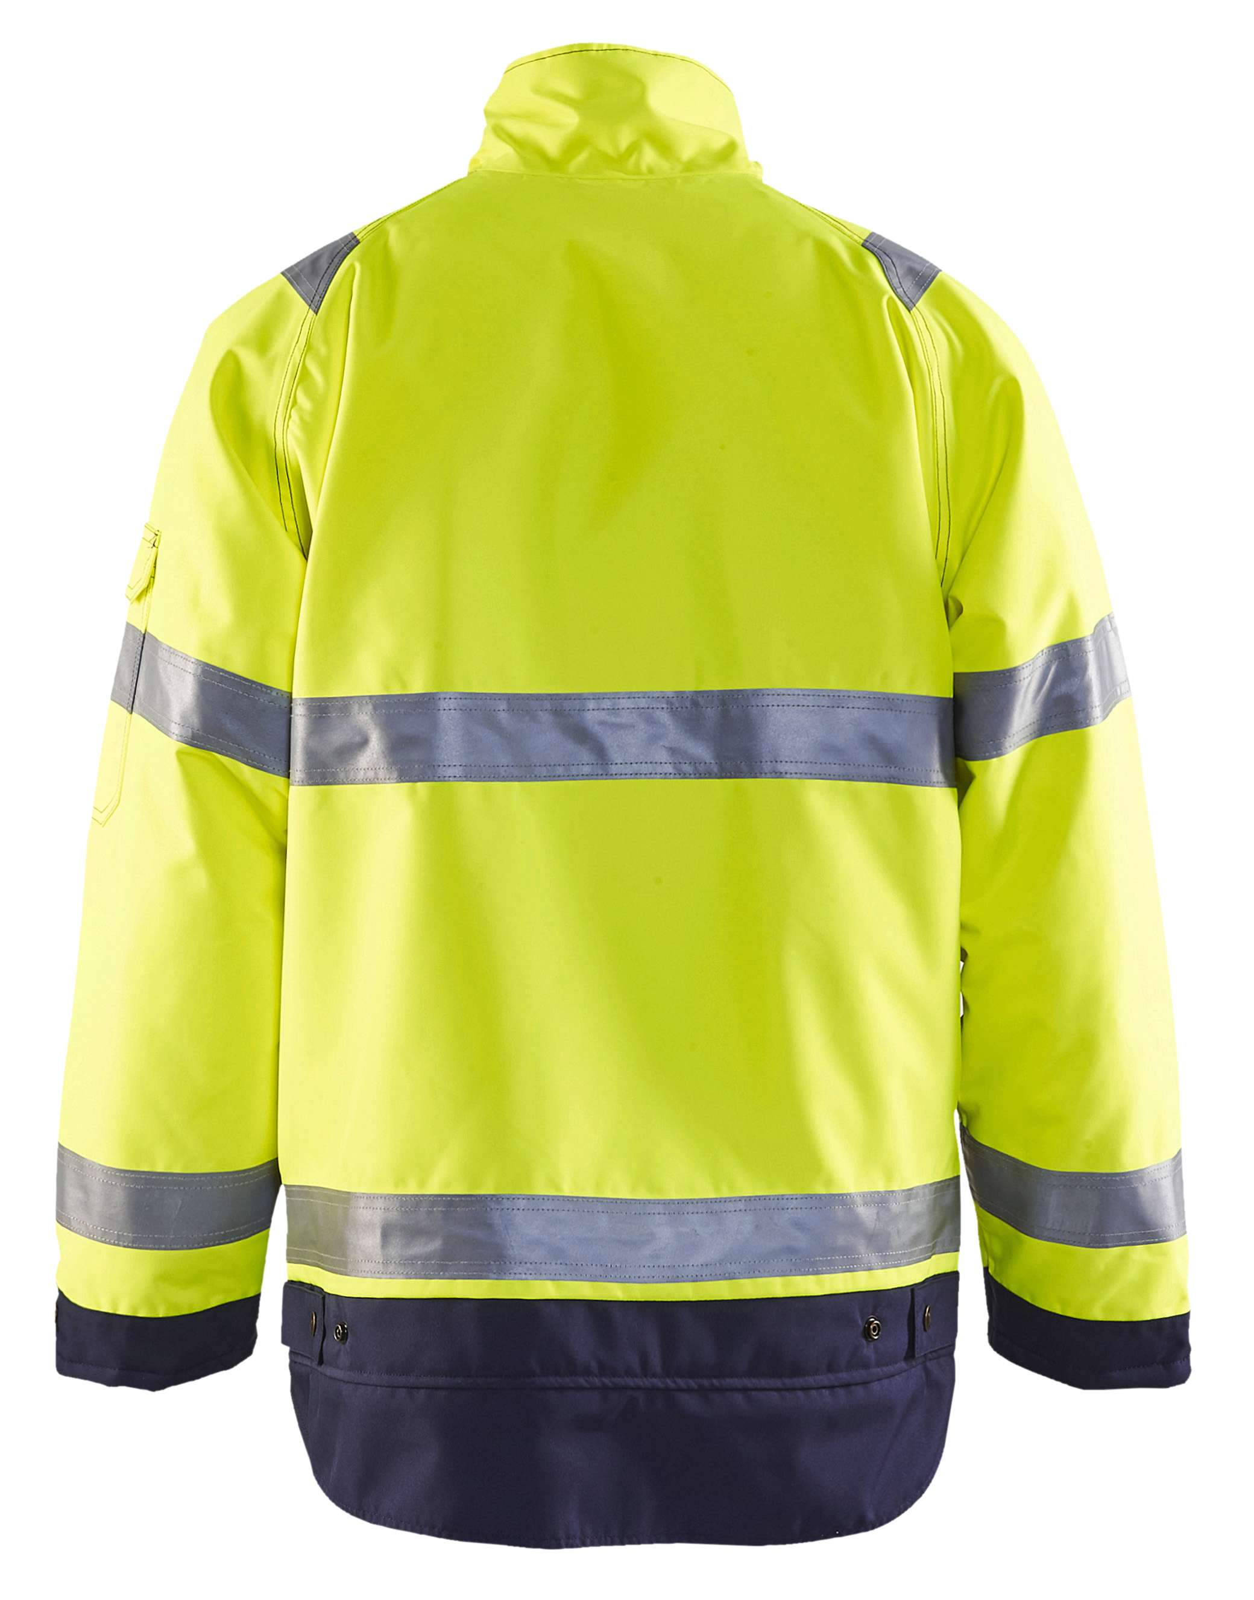 Blaklader Jassen 48271977 High Vis geel-marineblauw(3389)